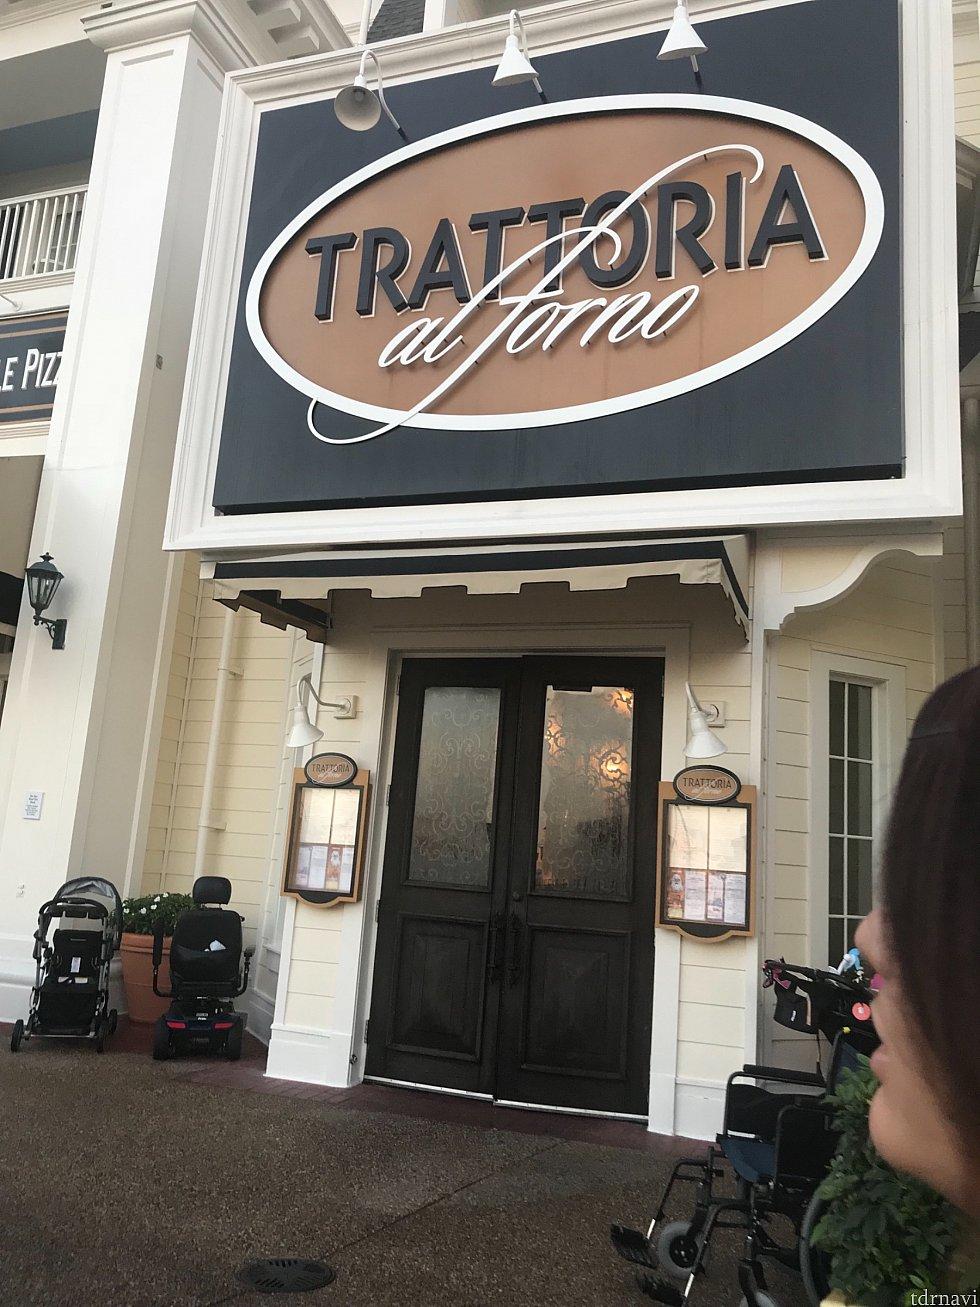 キャラダイ朝食を予約したトラットリアに向かいます。